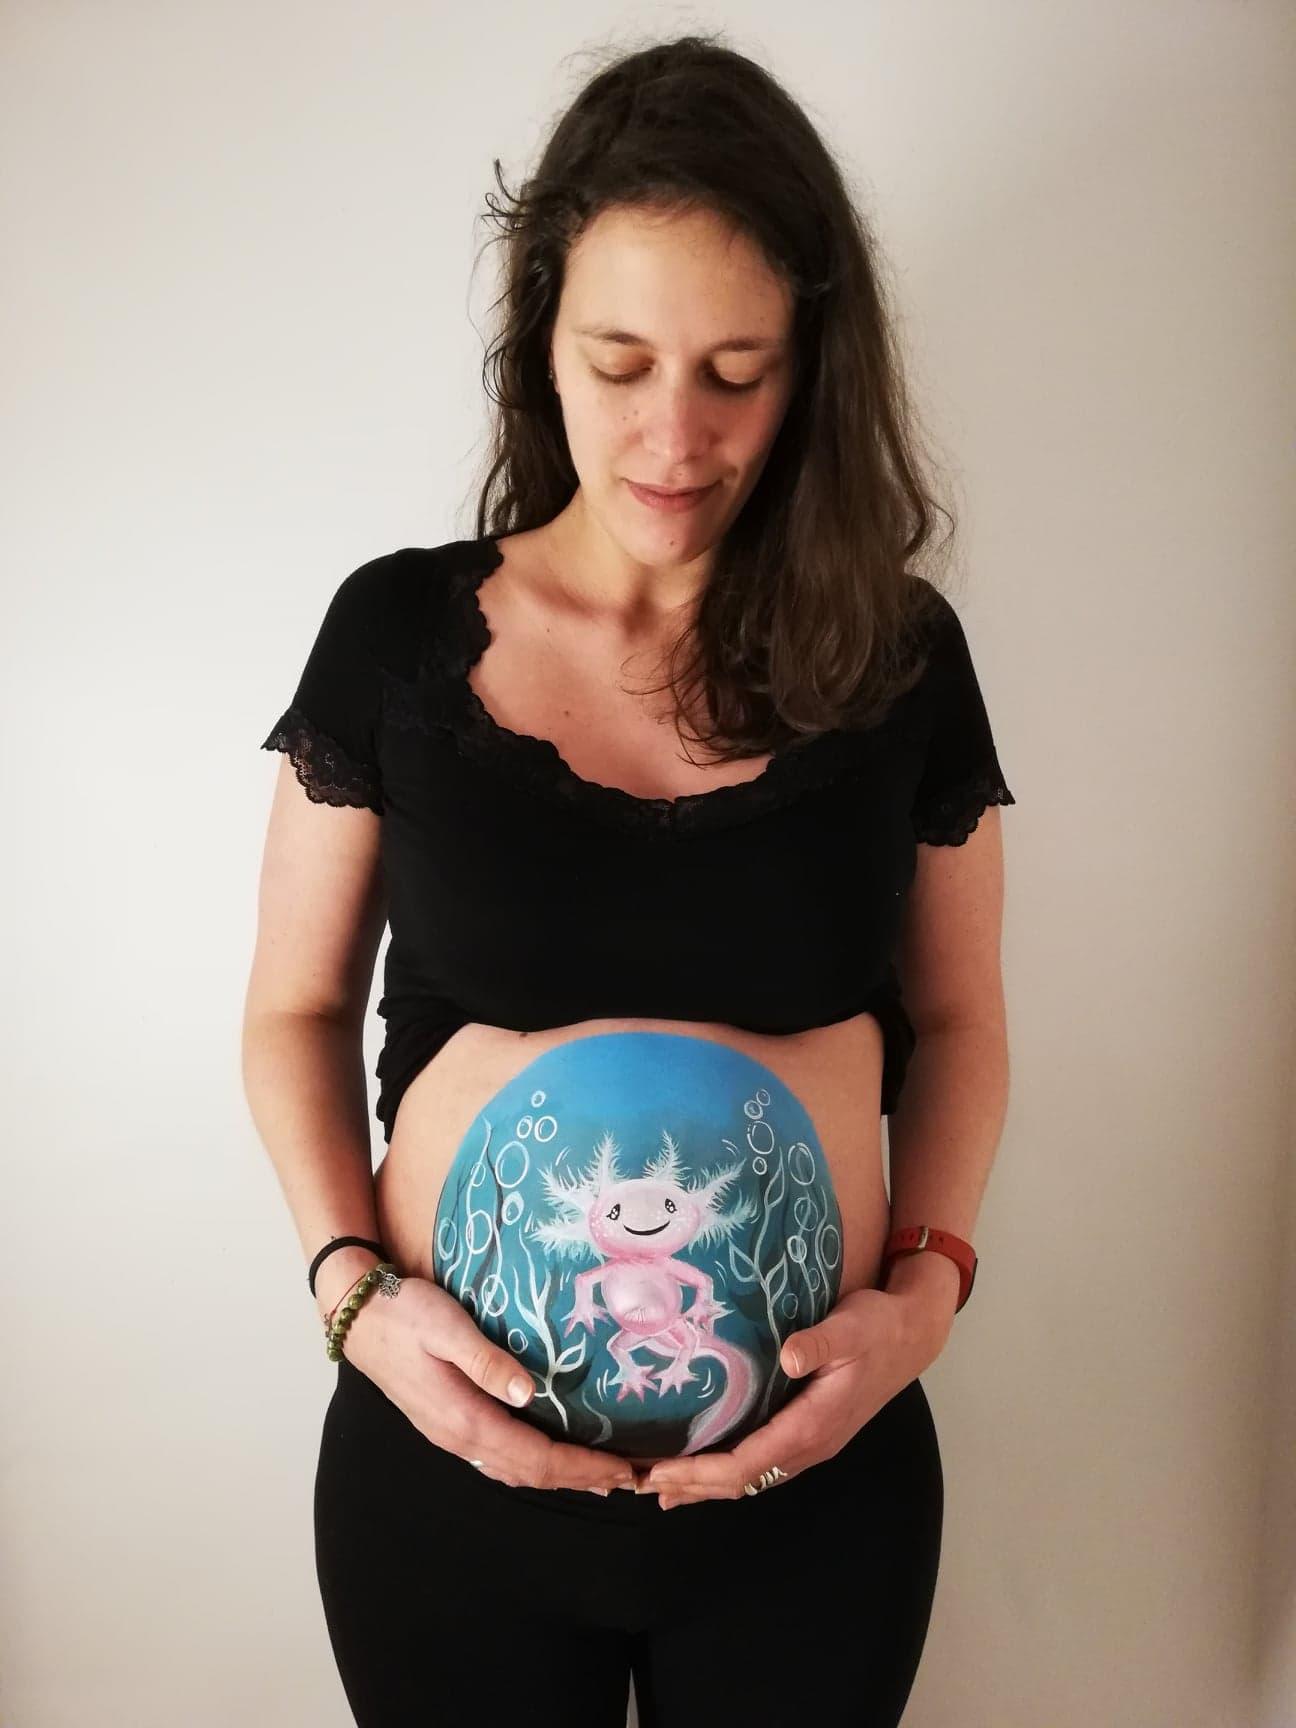 Bellypainting personnalisé avec un axolotl peint à 5 mois de grossesse